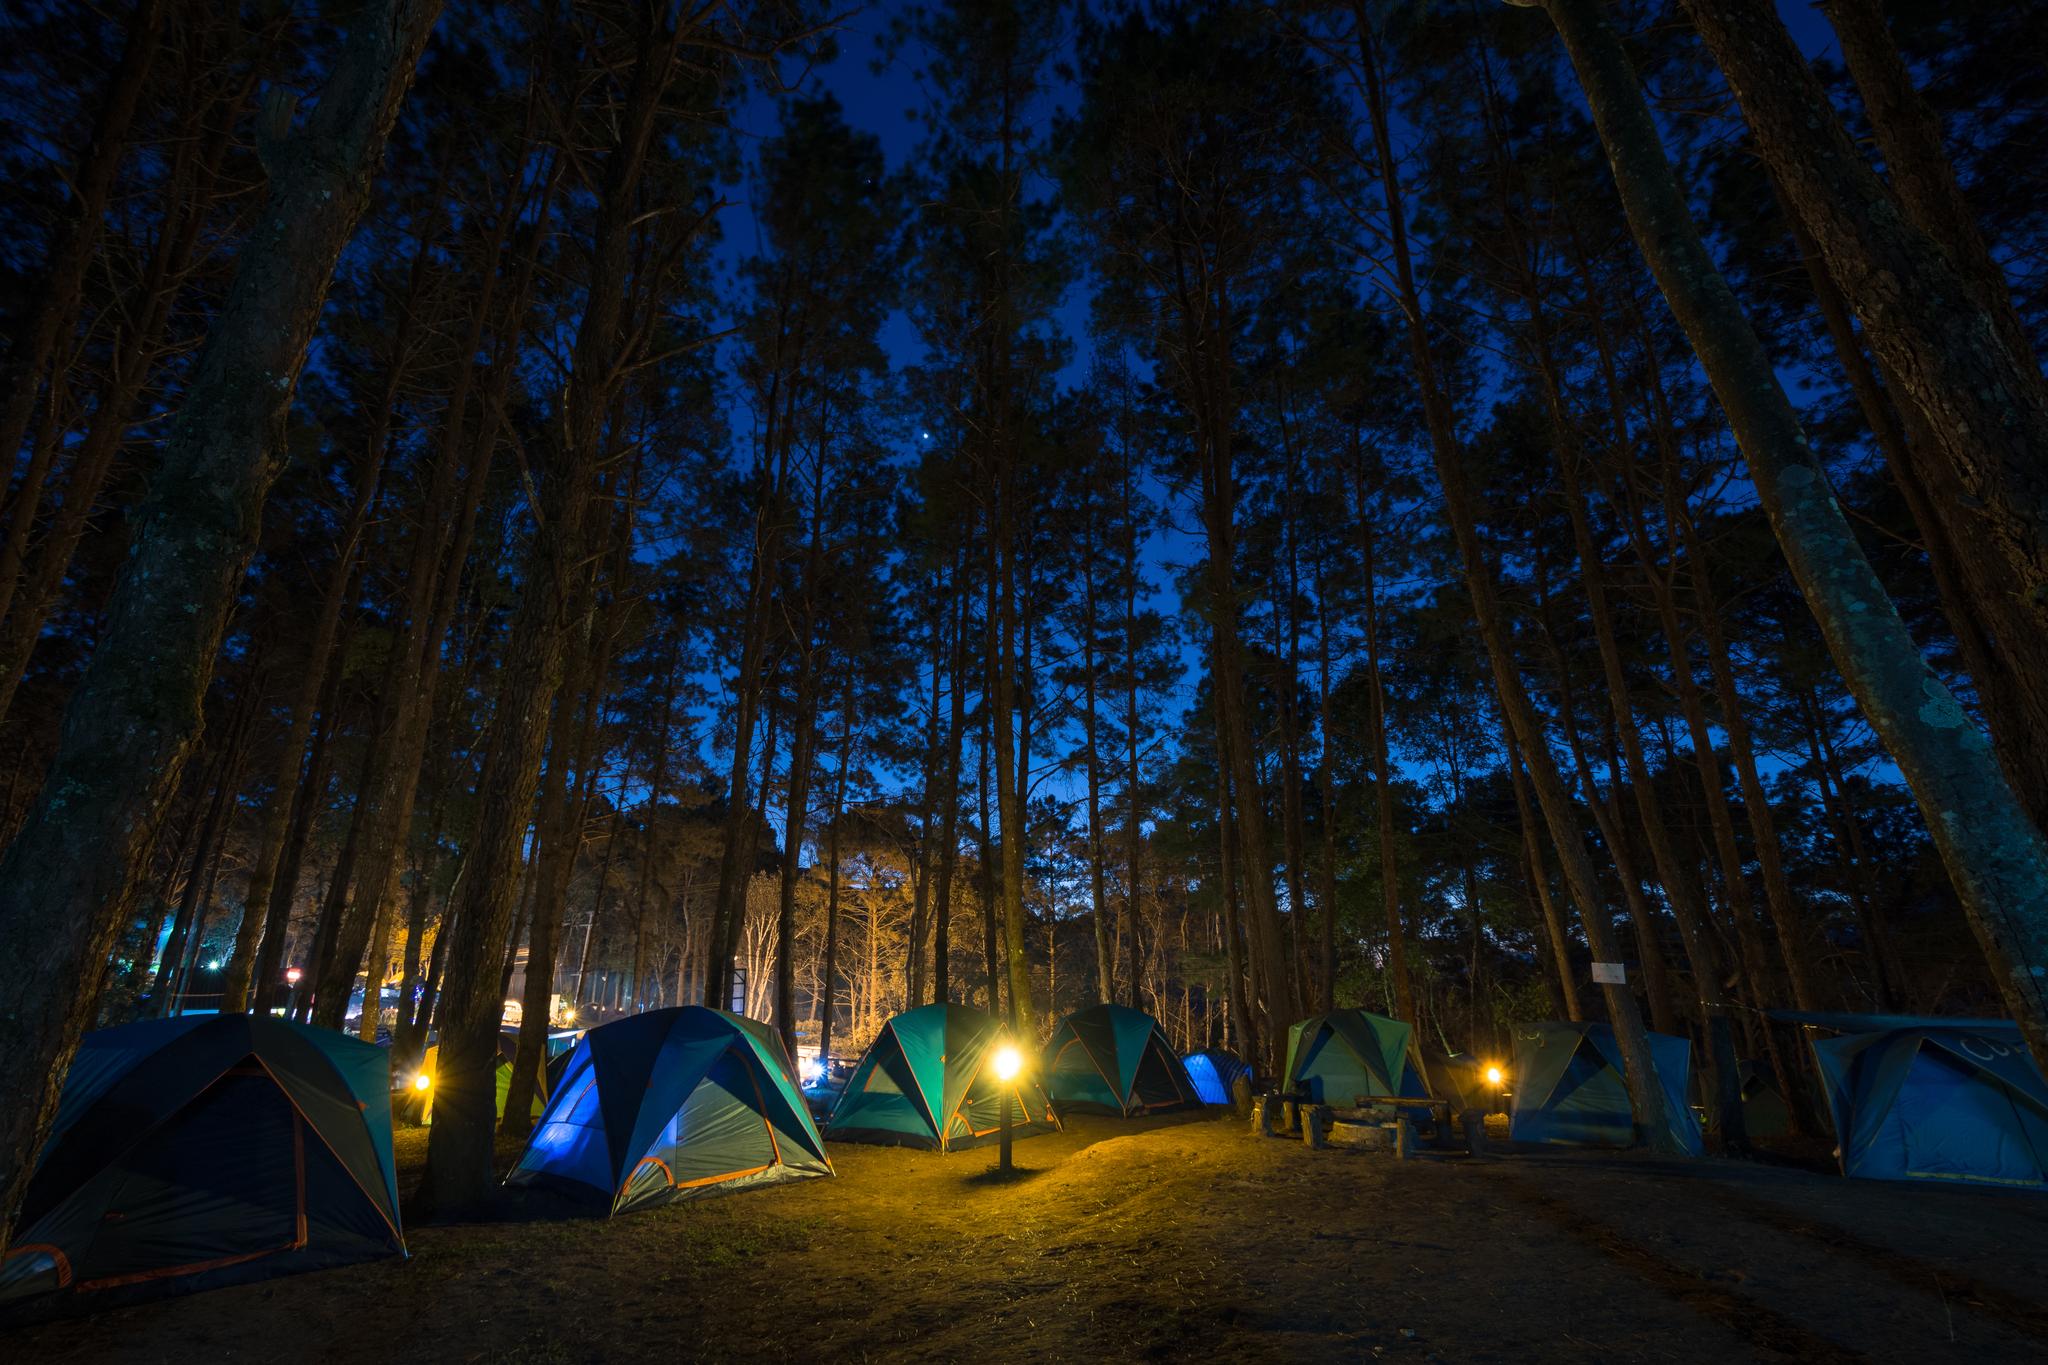 텐트부터 글램핑까지 캠핑족을 위한 경치 좋은 캠핑장을 추천한다.